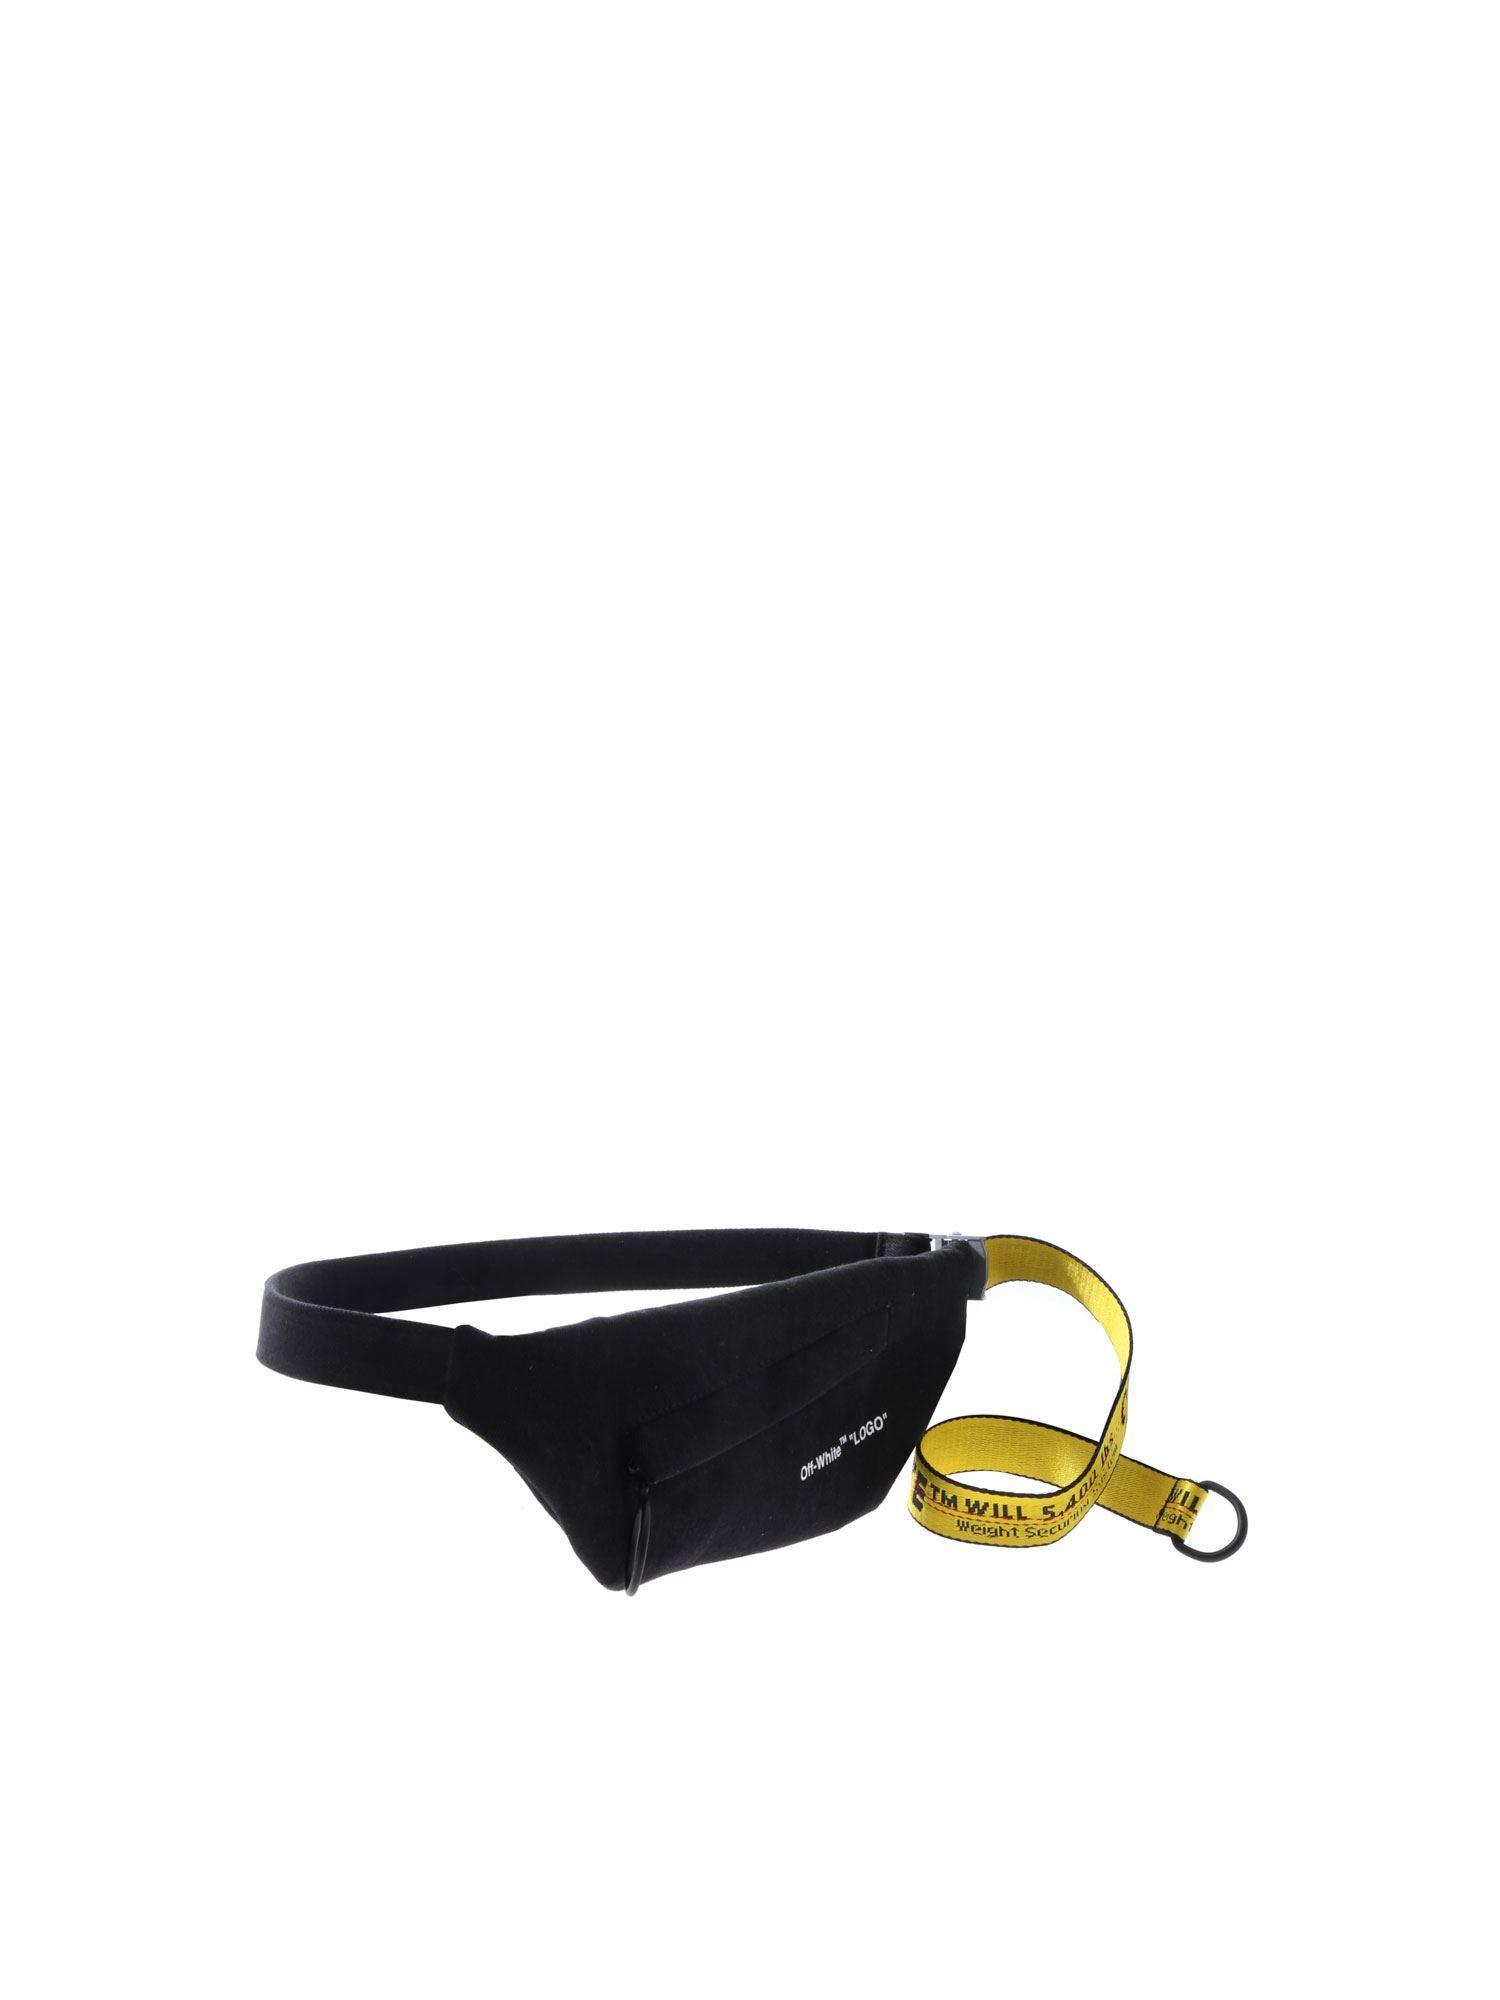 8d1e3eda912 Lyst - Off-White c o Virgil Abloh Waist Vintage Black Waist Bag in White  for Men